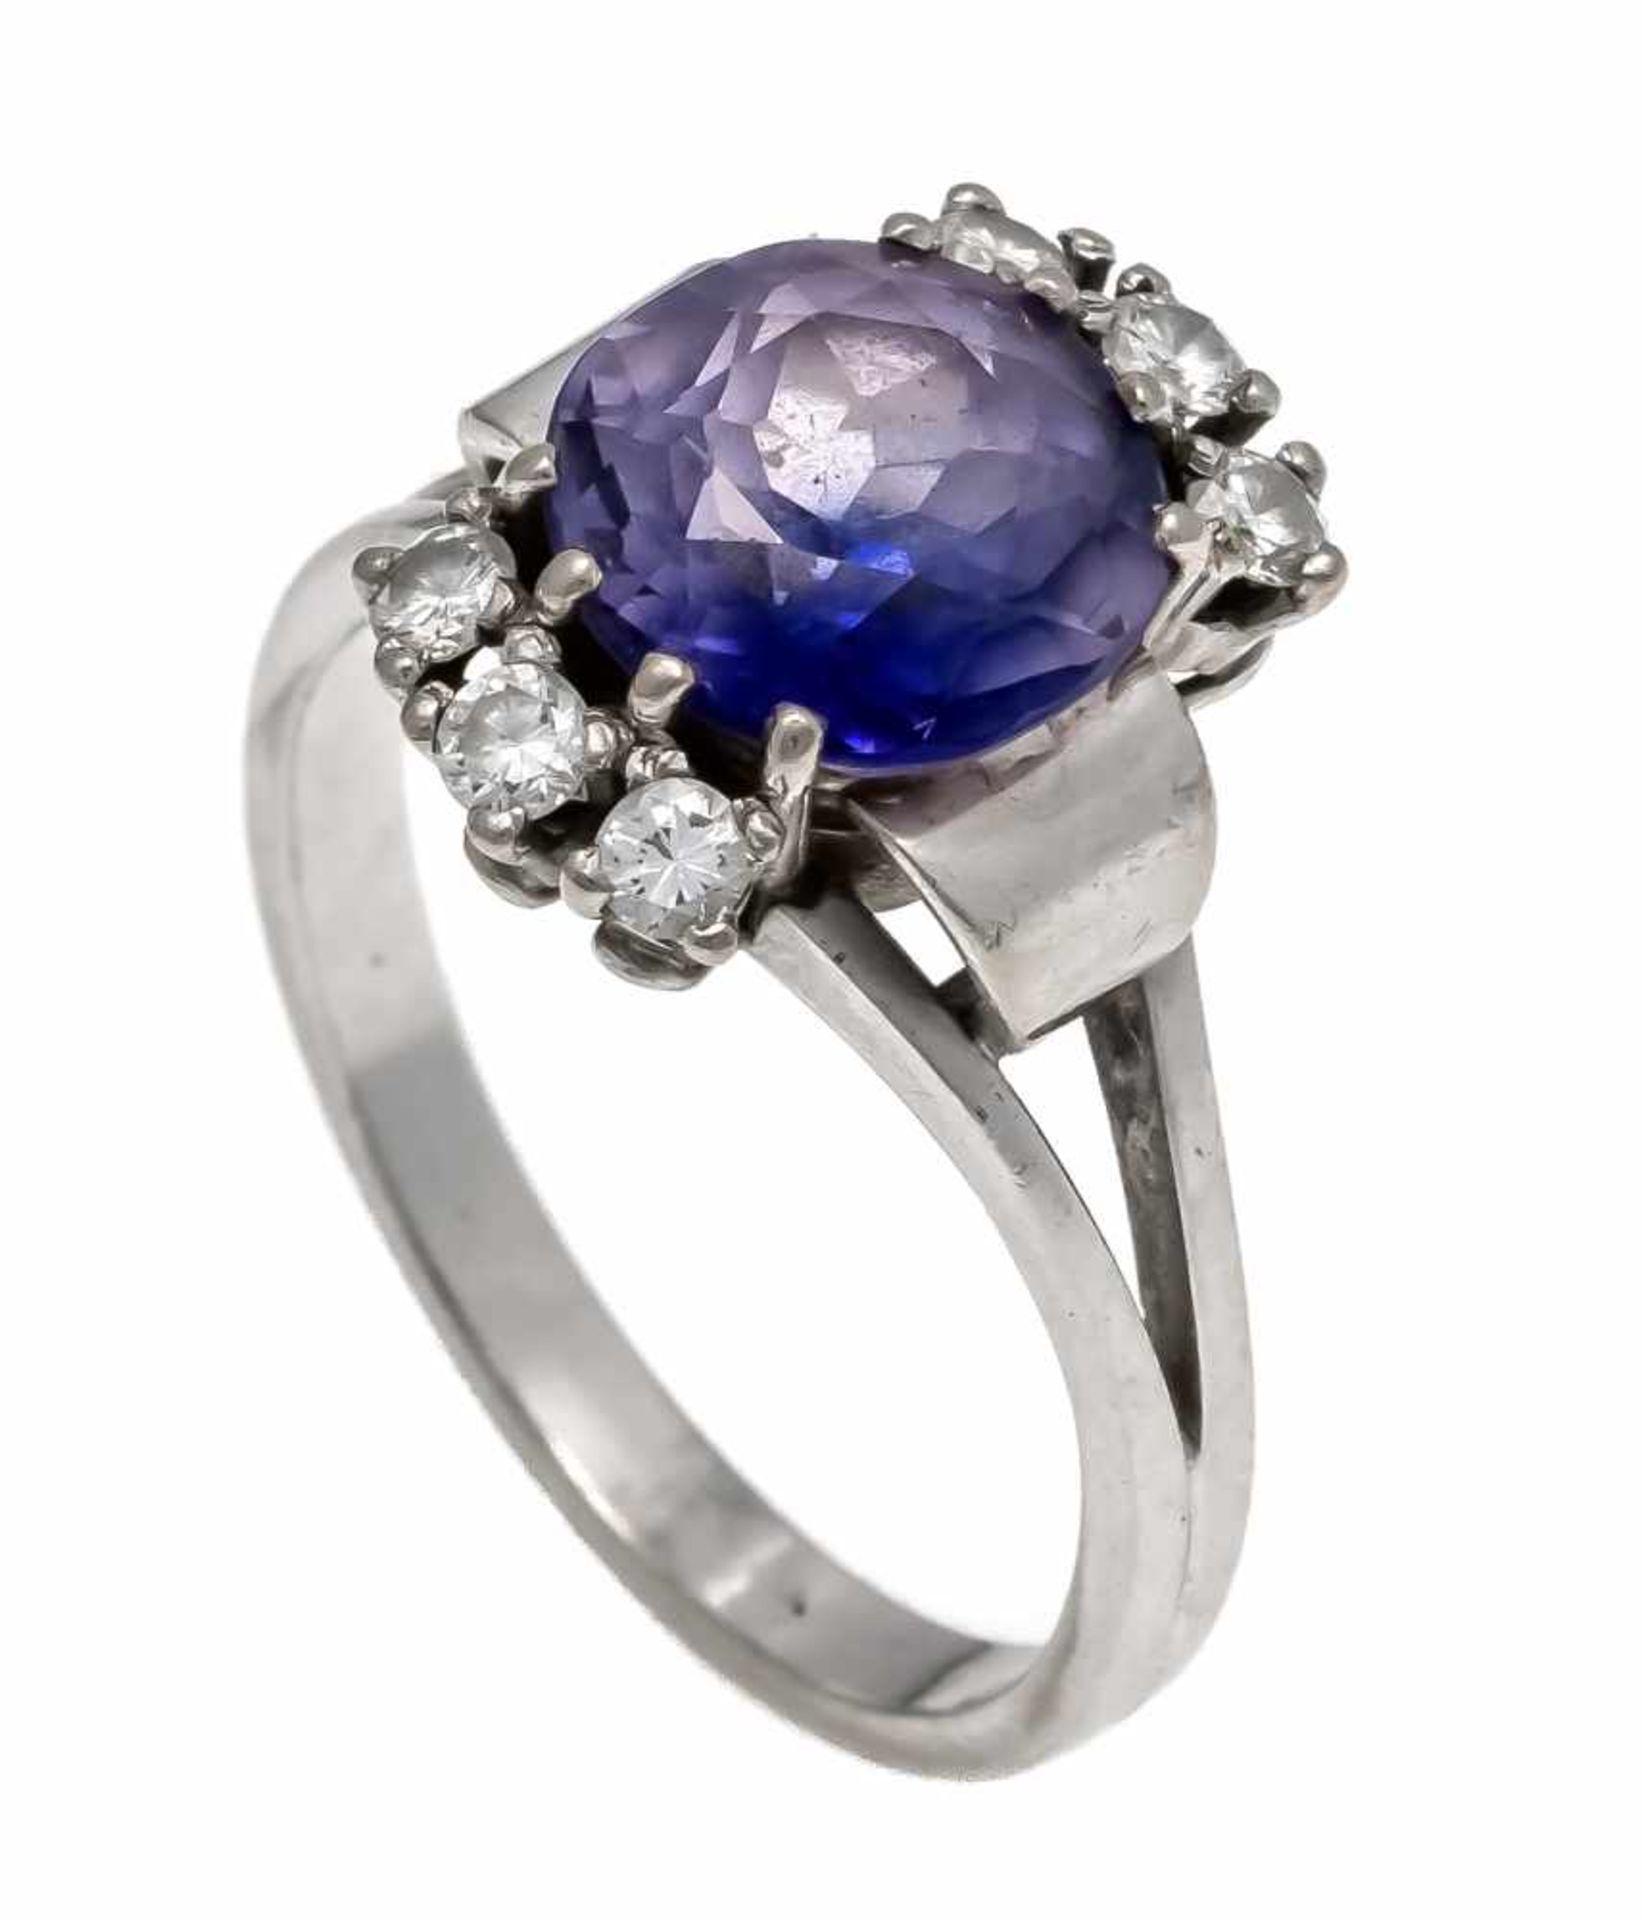 Edelstein-Diamant-Ring WG 585/000 mit einer rund fac. Edelsteindoublette 9,5 mm und 6 Brillanten,